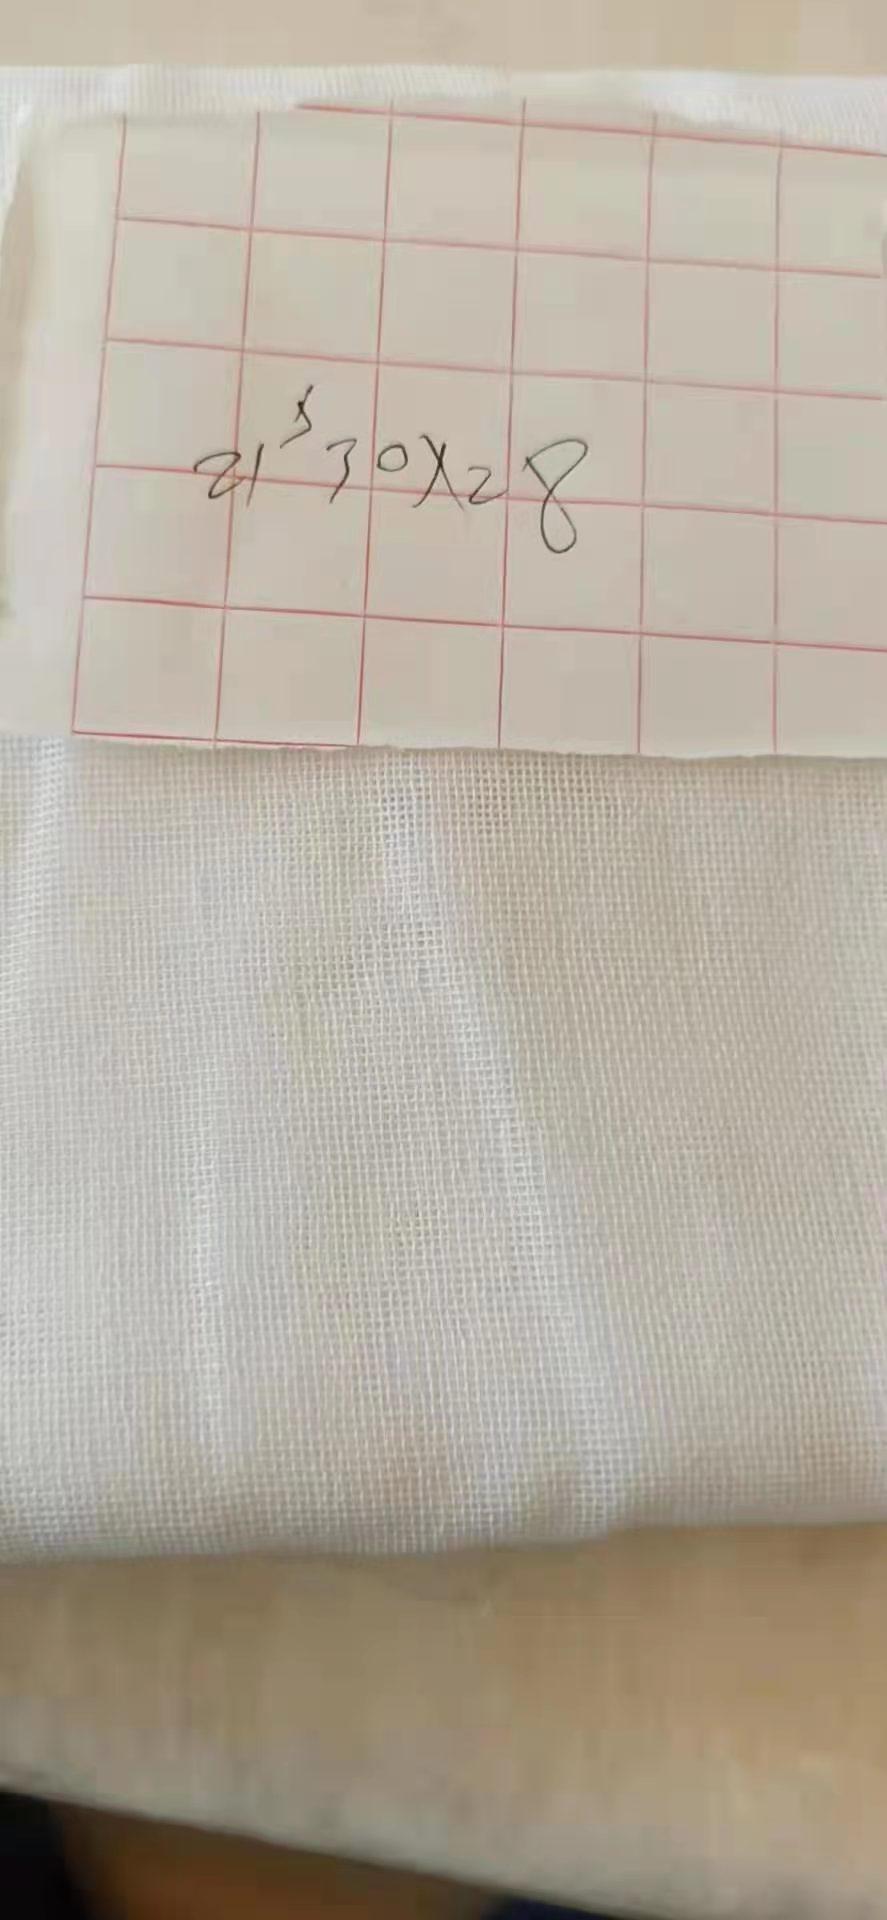 工业纱布  工业纱布厂家  工业纱布价格  南通洁康纺织